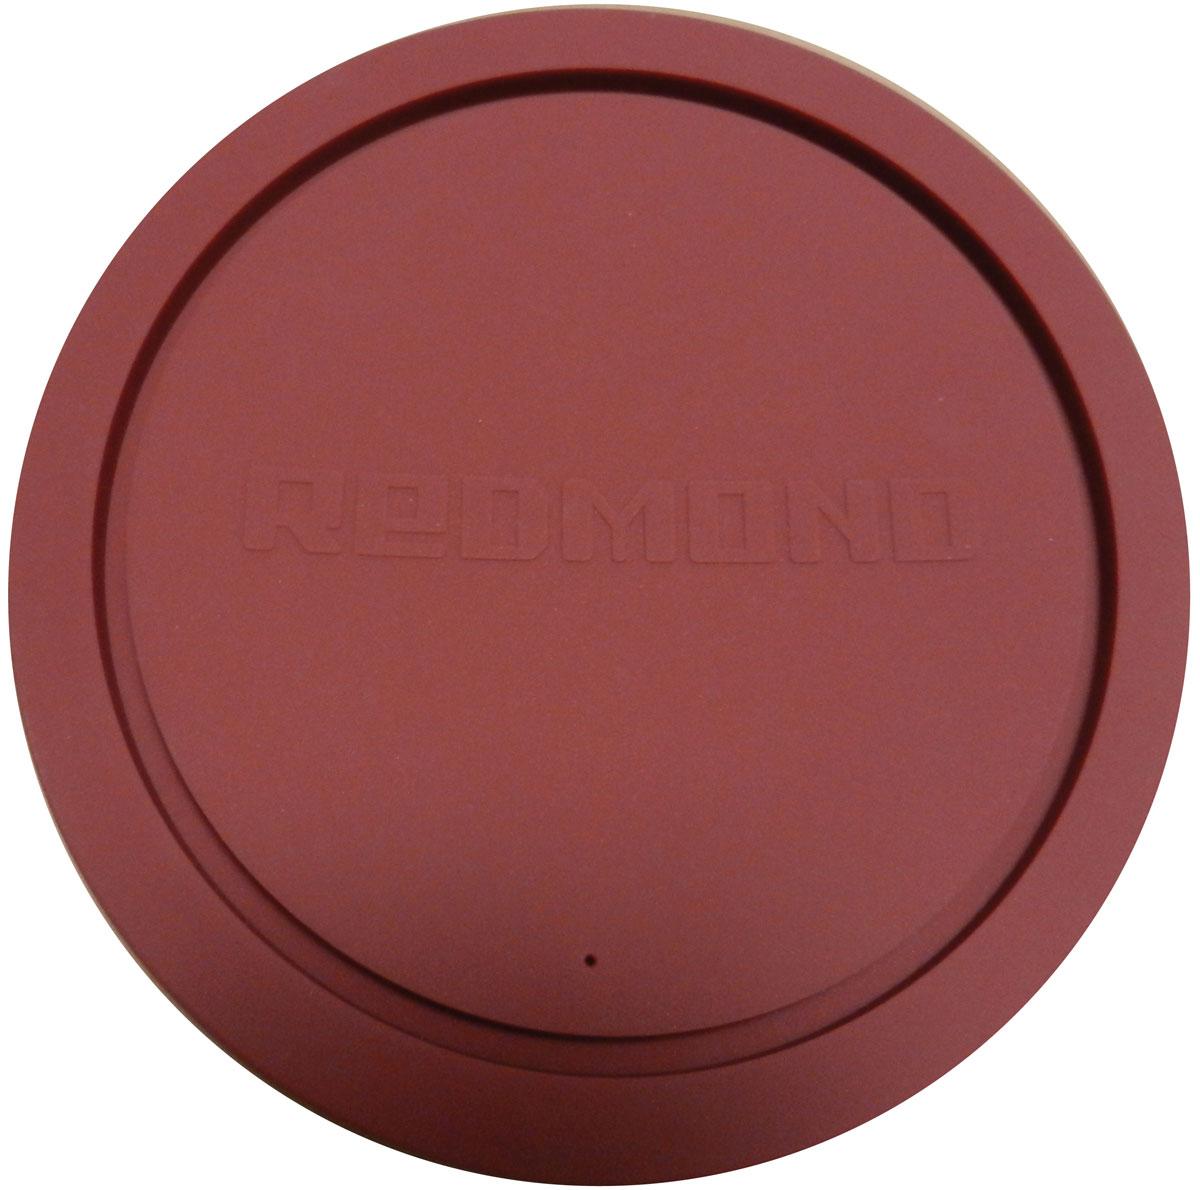 Redmond RAM-PLU1-E крышка для чаши мультиваркиRAM-PLU1-EУниверсальная силиконовая крышка Redmond RAM-PLU1-E изготовлена из высококачественногопищевогосиликона — экологичного и долговечного материала. Прочная и эластичная, она отличноподходит для чашмультиварок Redmond емкостью от 3 до 6 литров, а также для любых кастрюль или другойкухонной посудысоответствующего диаметра. Вы можете смело использовать крышку RAM-PLU1-E дляприготовления блюд вмикроволновой печи, для хранения продуктов в холодильнике или морозильной камере. Крометого, силиконоваякрышка отлично послужит вам в качестве подставки для горячей посуды. Ухаживать за силиконовой крышкой необычайно просто: она легко моется как под краном, так и впосудомоечноймашине.Диаметр чаши: без ободка - 20 см, с ободком - 22 см.